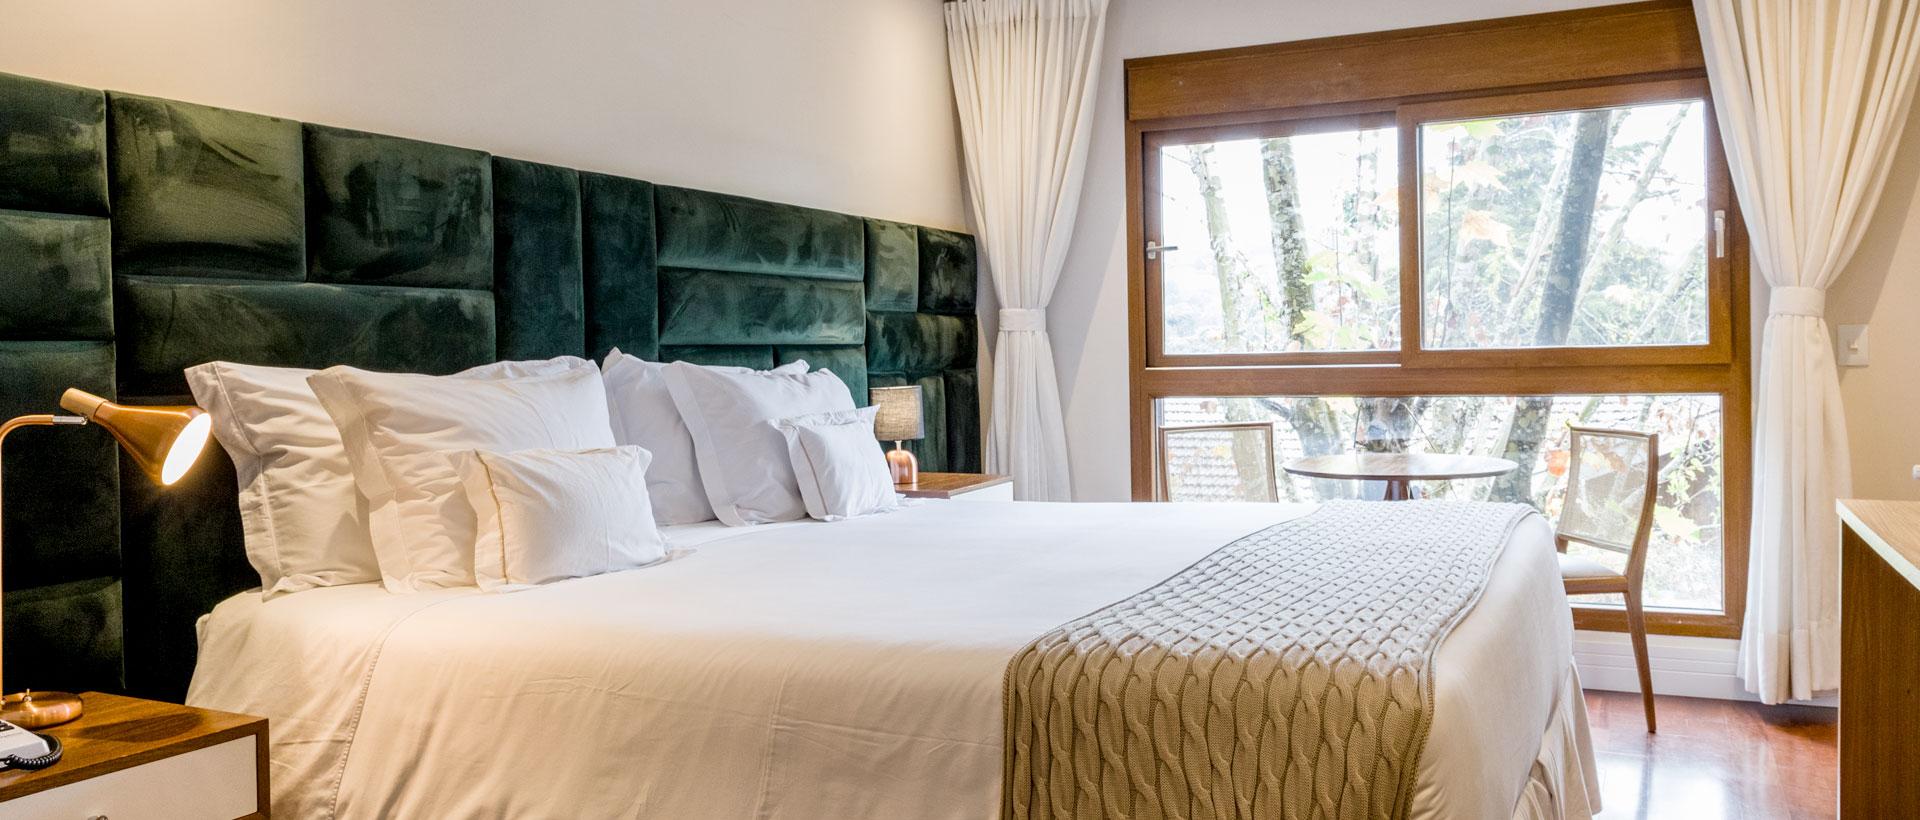 cedro-hotel-boutique-quebra-noz-conforto-e-natureza